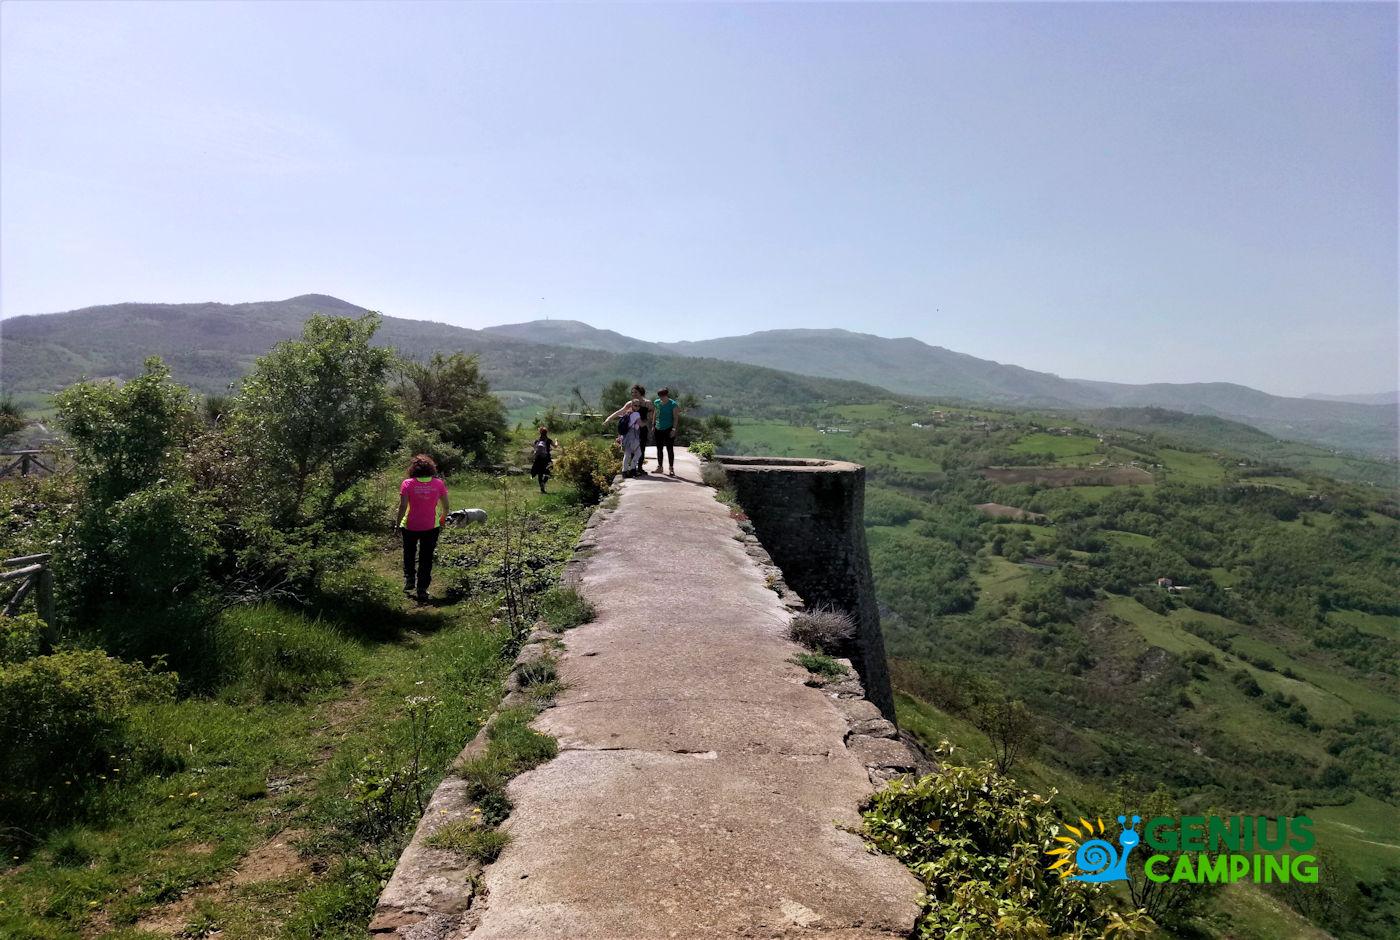 Valmarecchia e Montefeltro La rocca di Maioletto - rocca di Maioletto cima